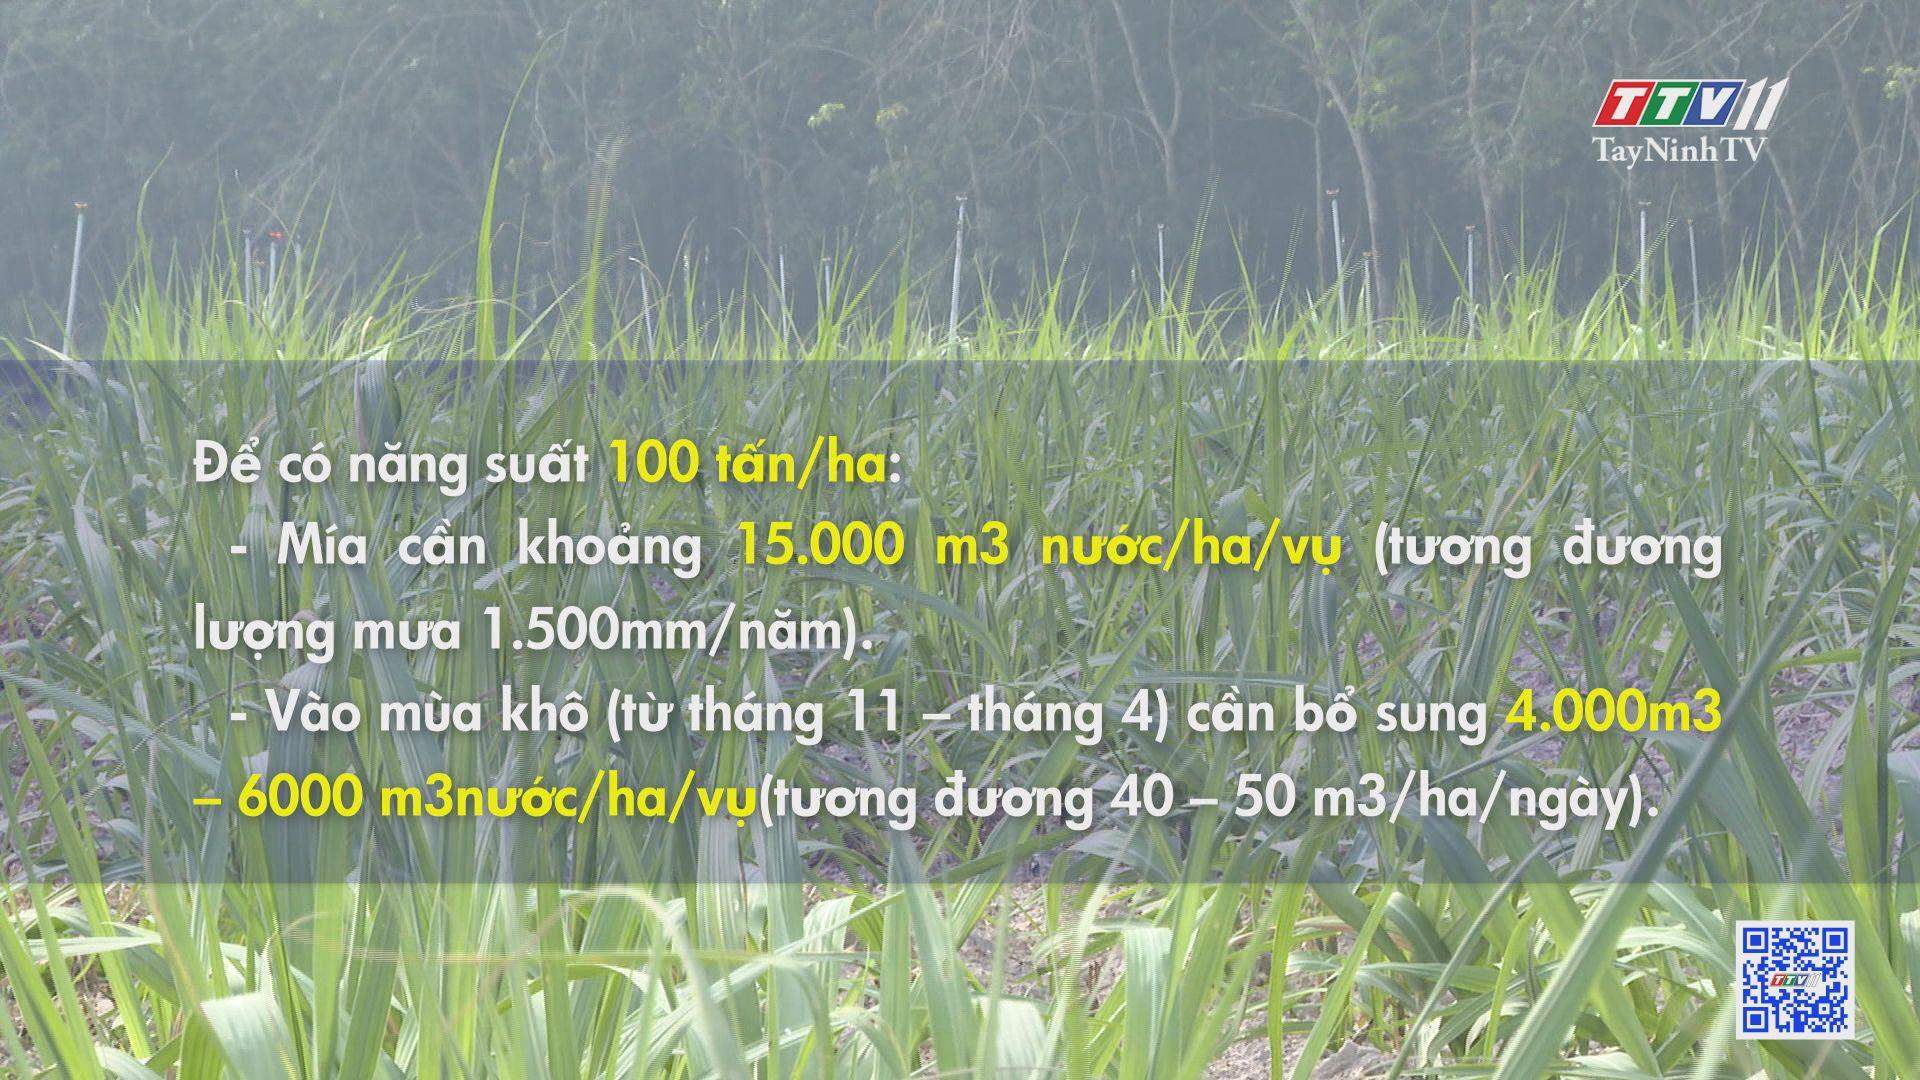 Chương trình khuyến nông vụ trồng 2020-2021 của TTCS | CÂY MÍA VIỆT | TayNinhTV